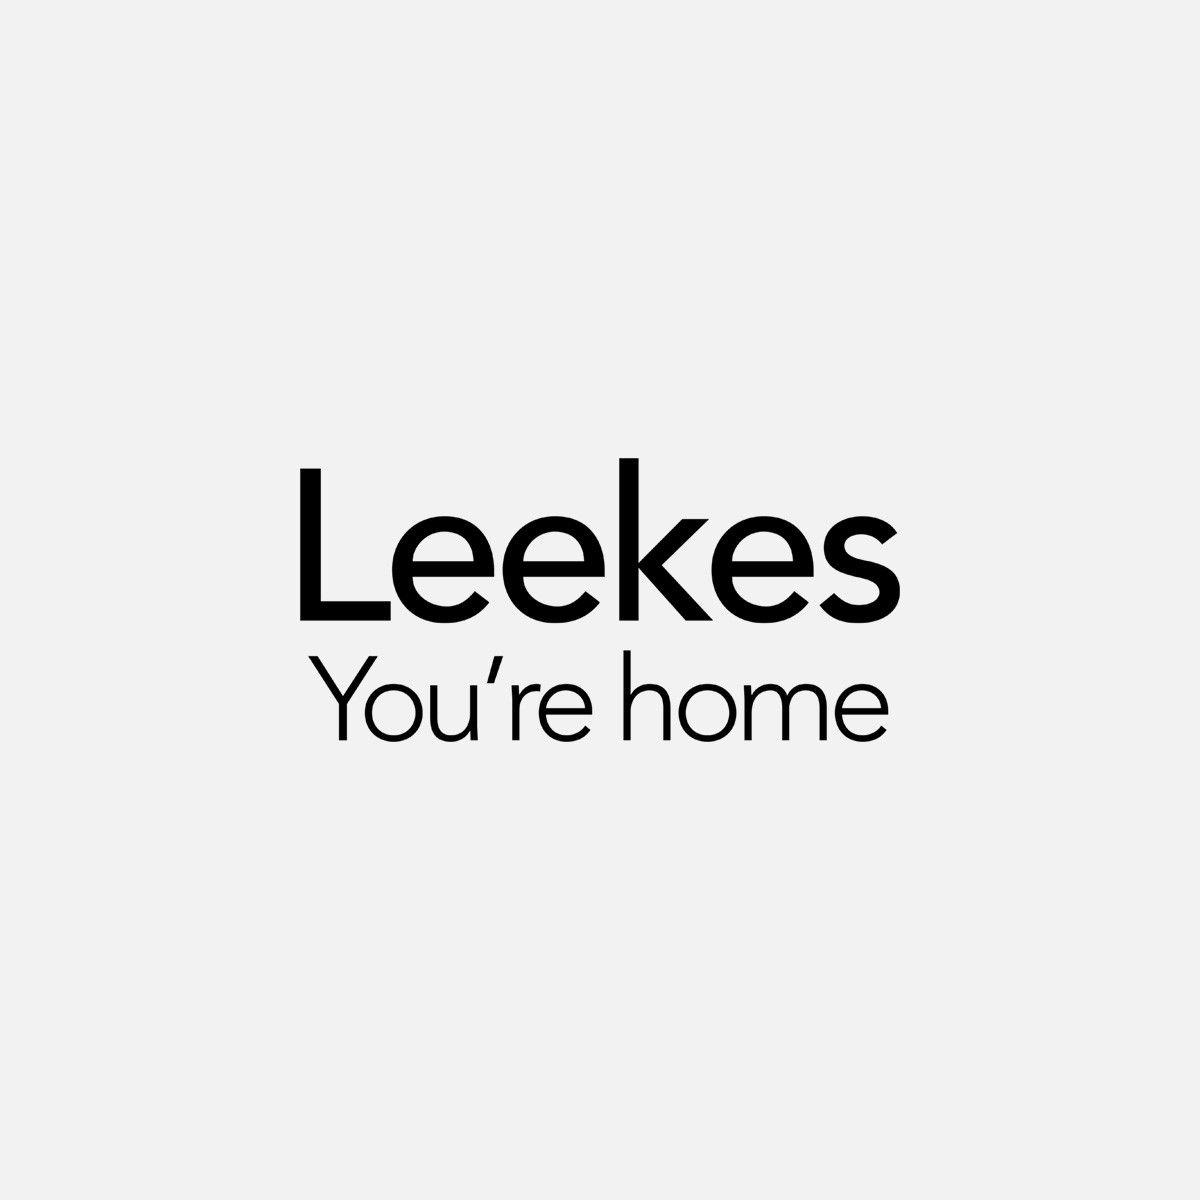 daewoo 1 5 litre 5 speed glass jug kitchen blender. Black Bedroom Furniture Sets. Home Design Ideas